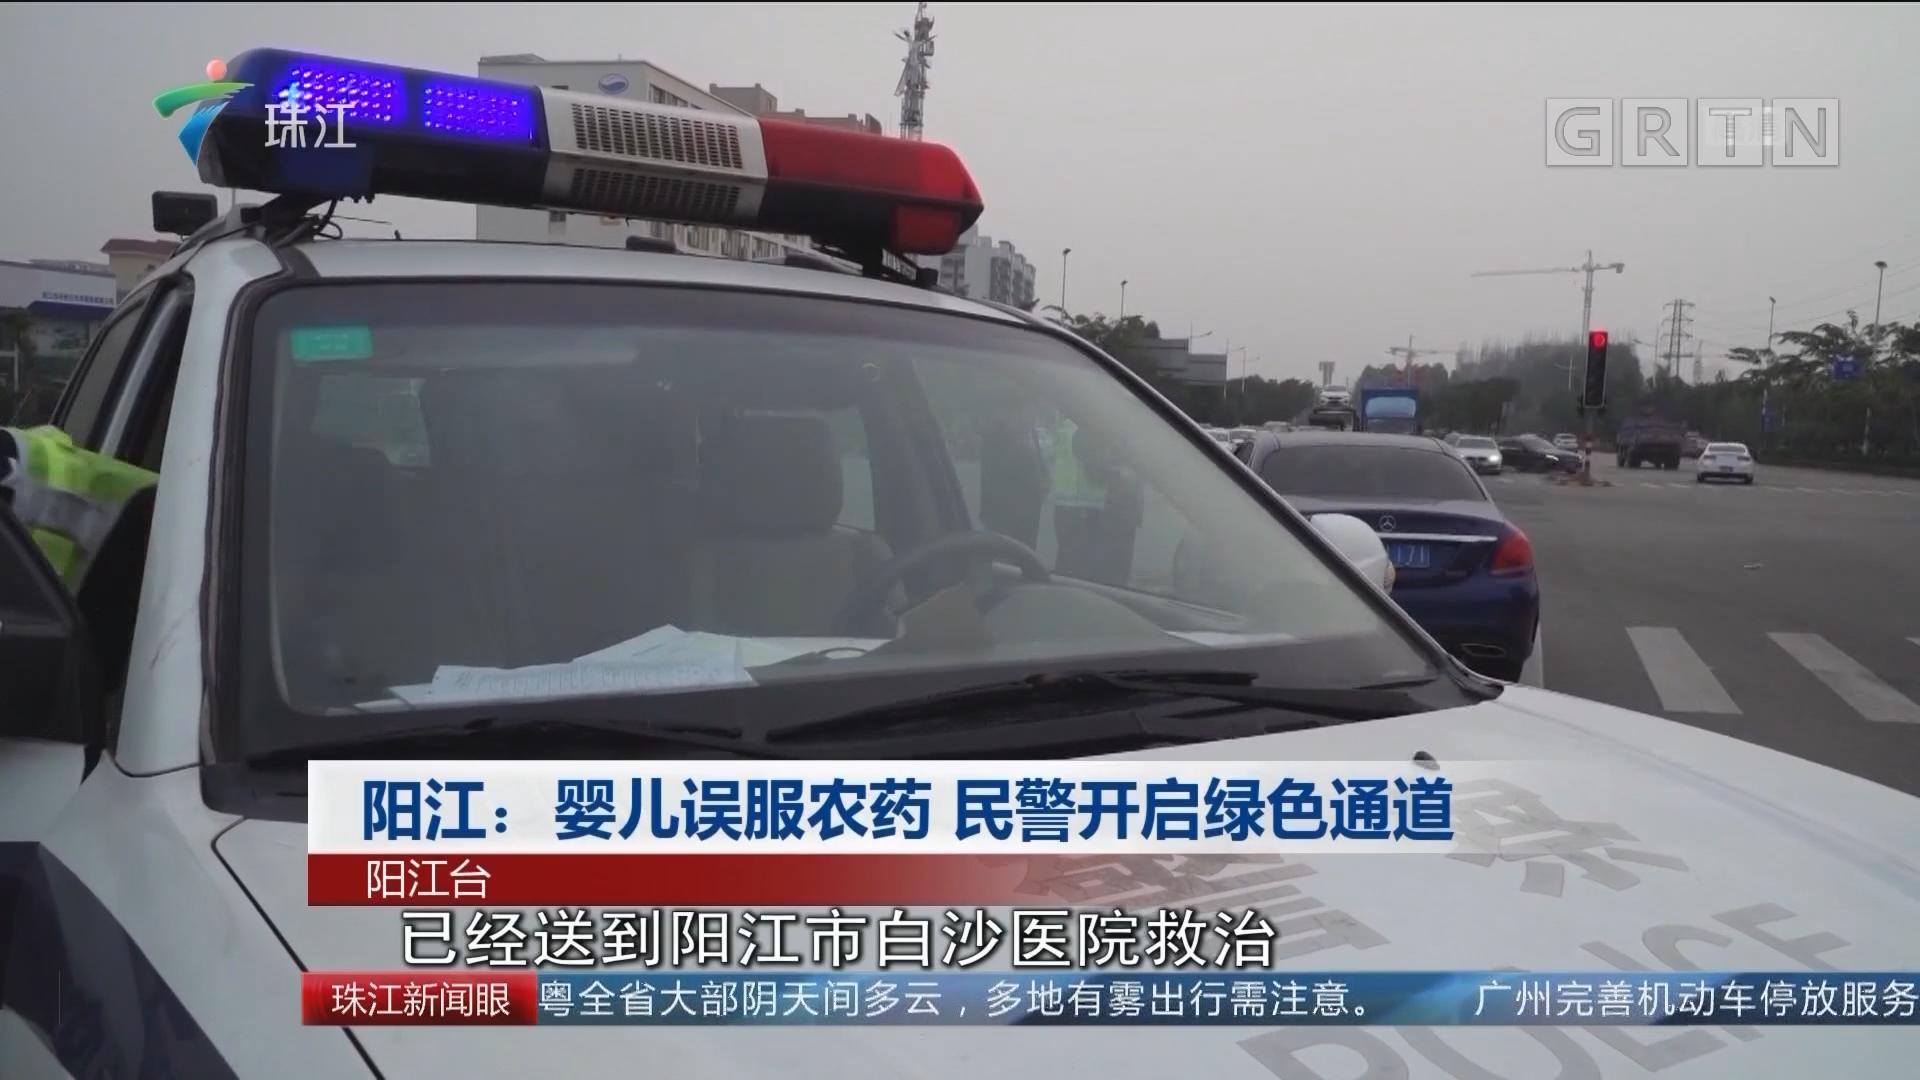 阳江:婴儿误服农药 民警开启绿色通道